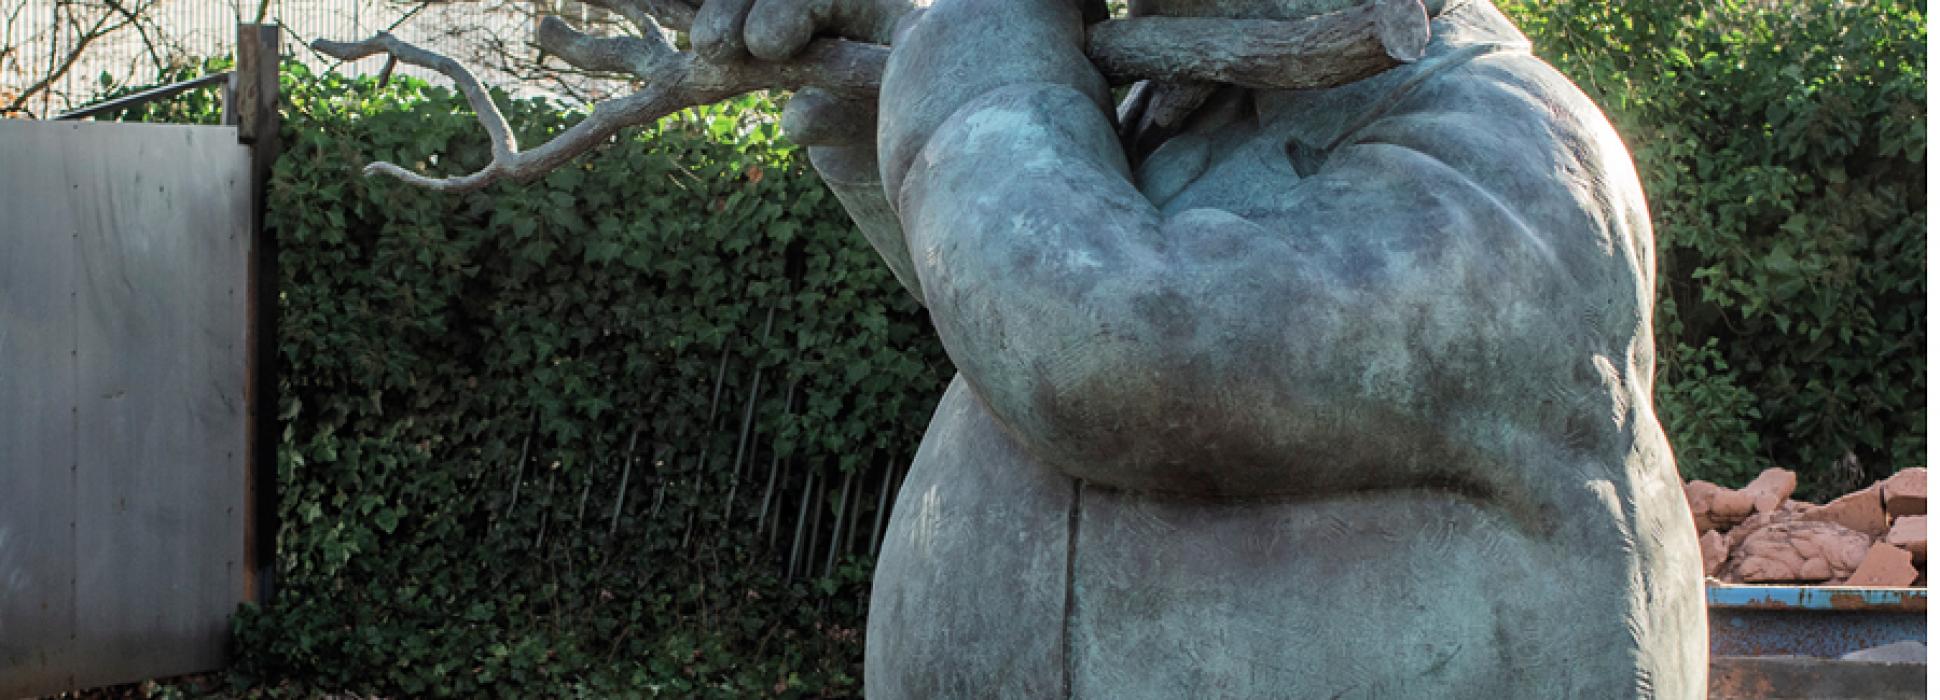 Les statues en bronze du Chat de Philippe Geluck déambuleront à Caen !